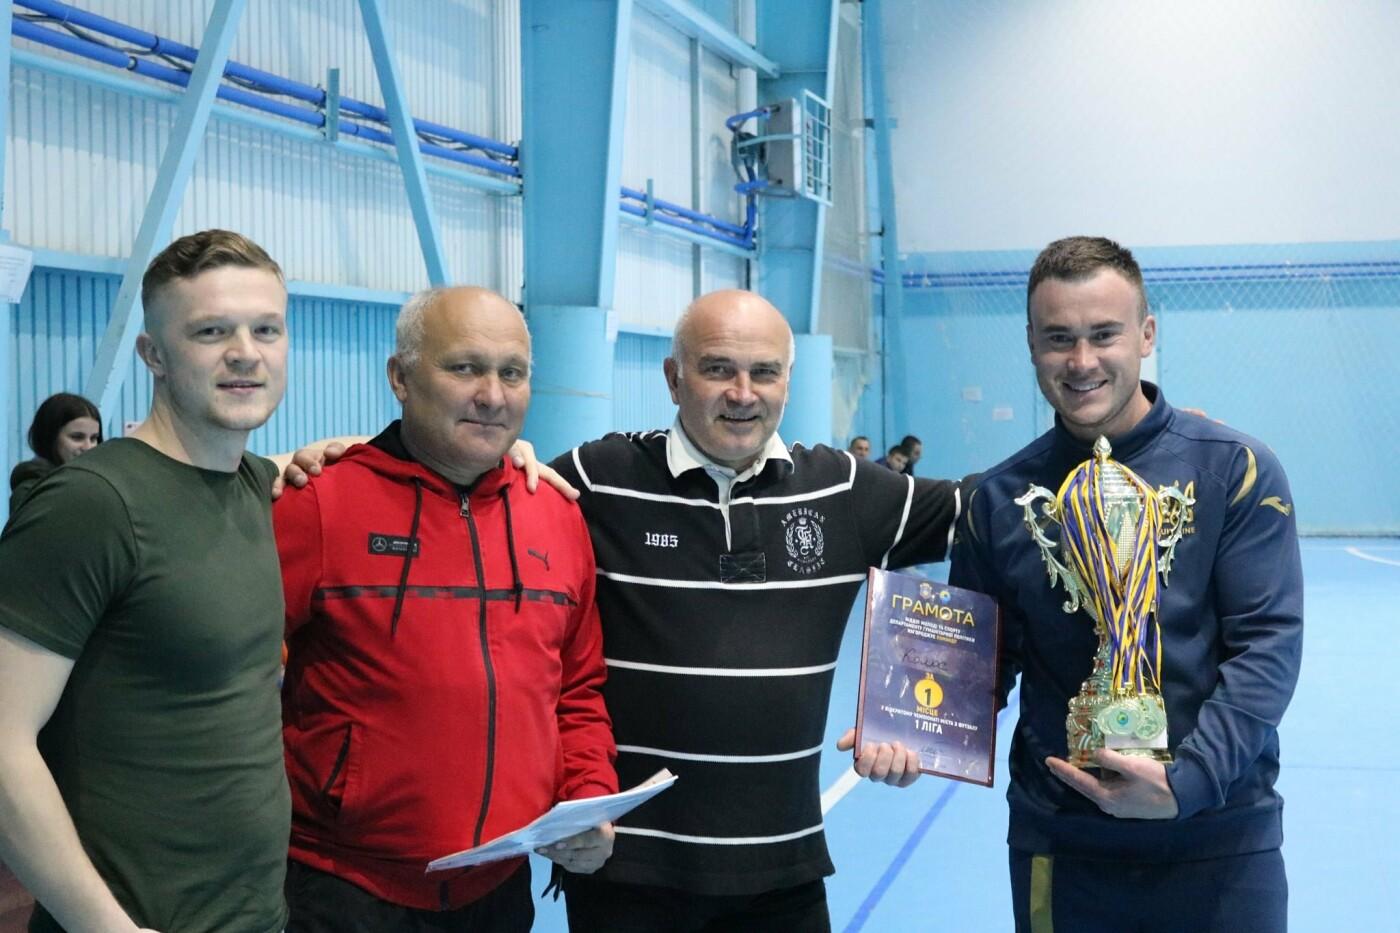 У Кам'янці вперше проходив чемпіонат з футболу серед любителів та професіоналів, фото-12